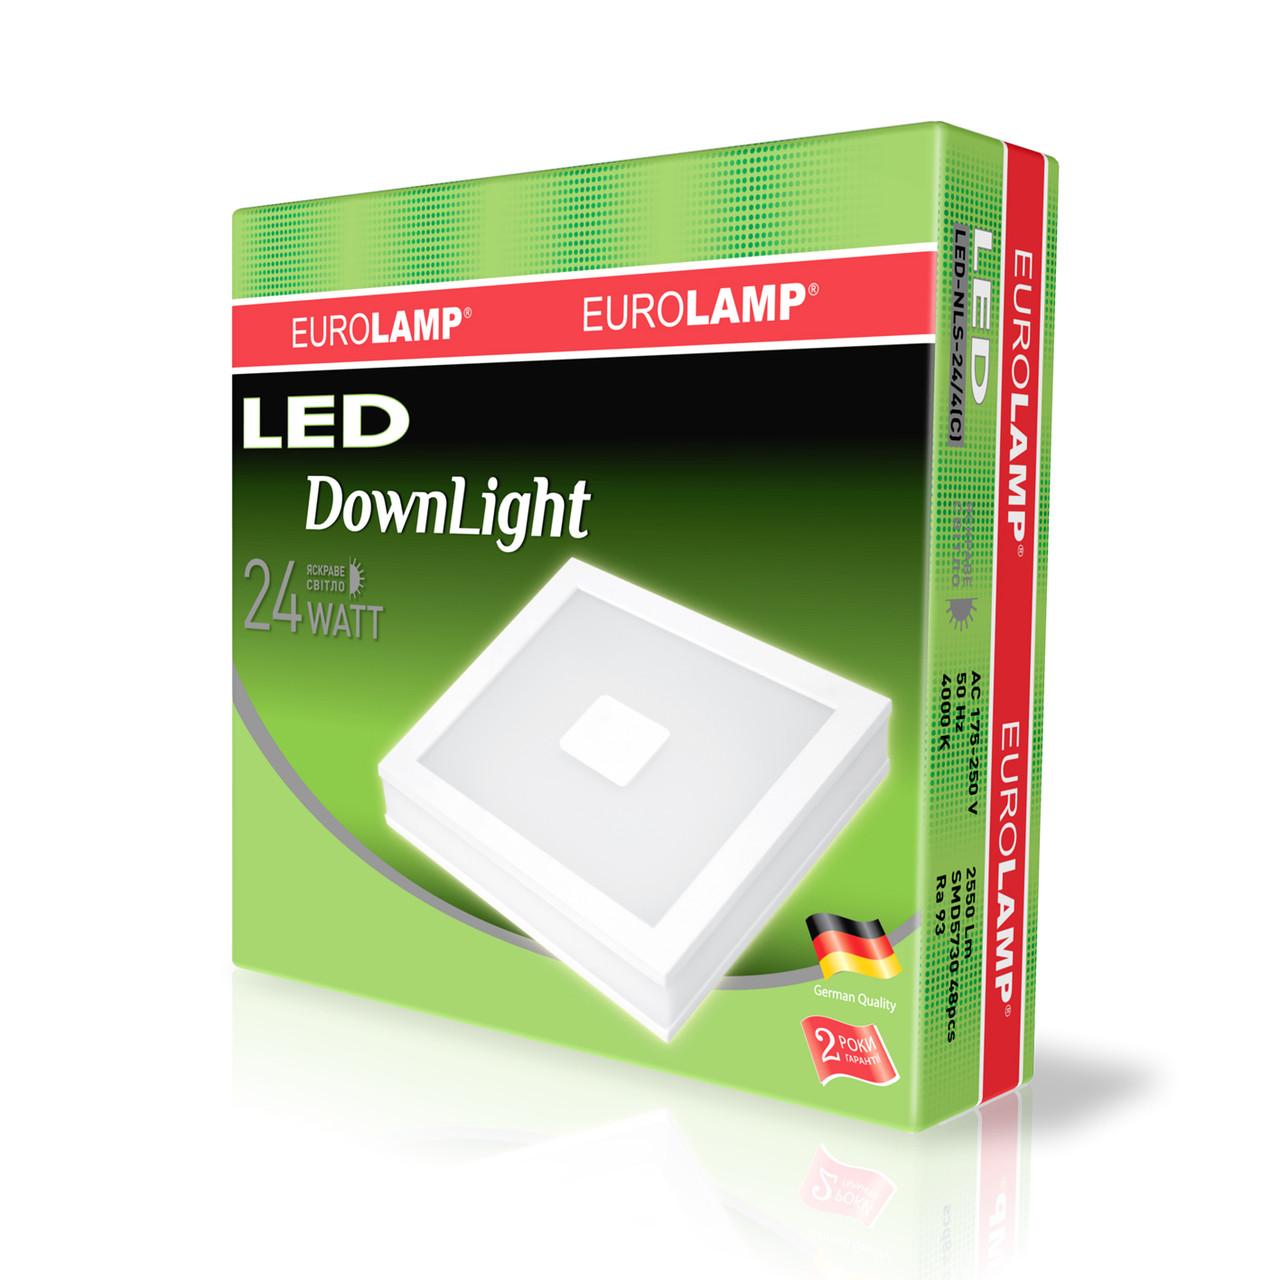 EUROLAMP LED Светильник квадратный накладной Downlight NEW 24W 4000K